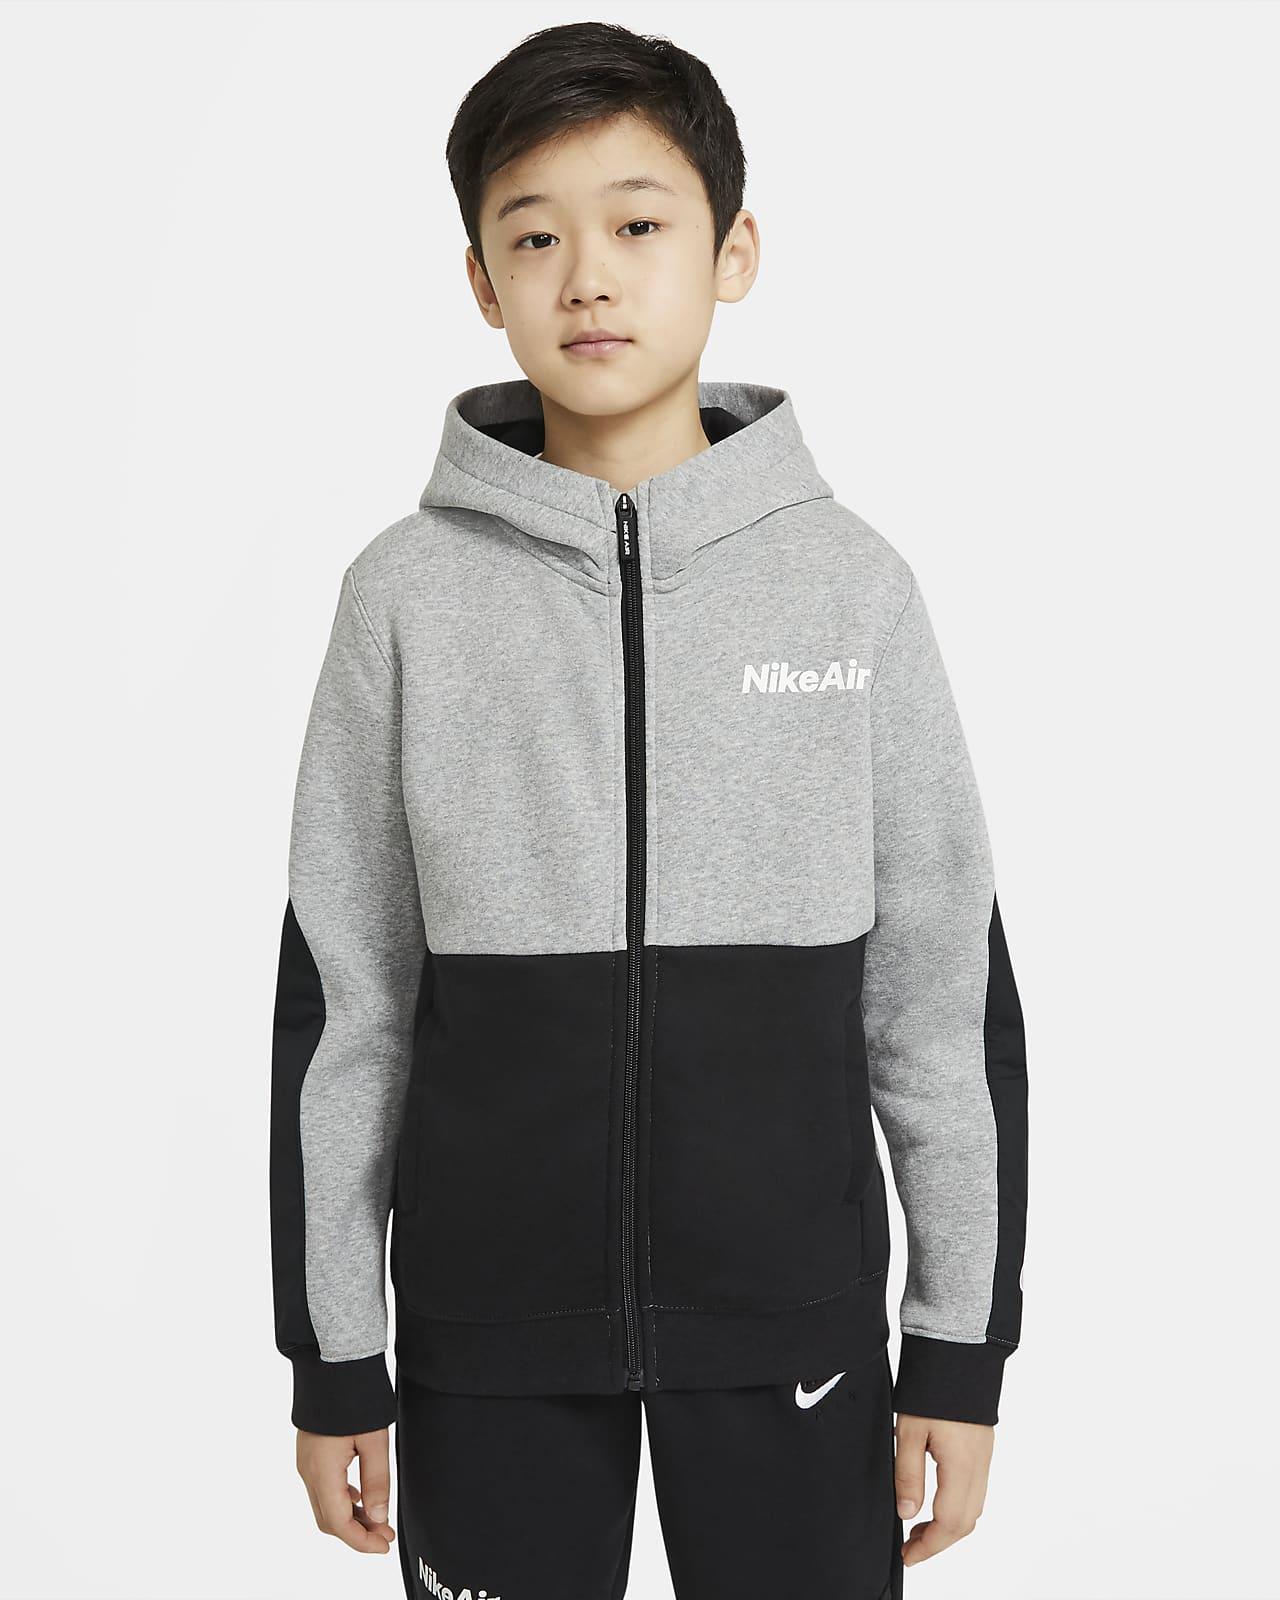 Nike Air Big Kids' (Boys') Full-Zip